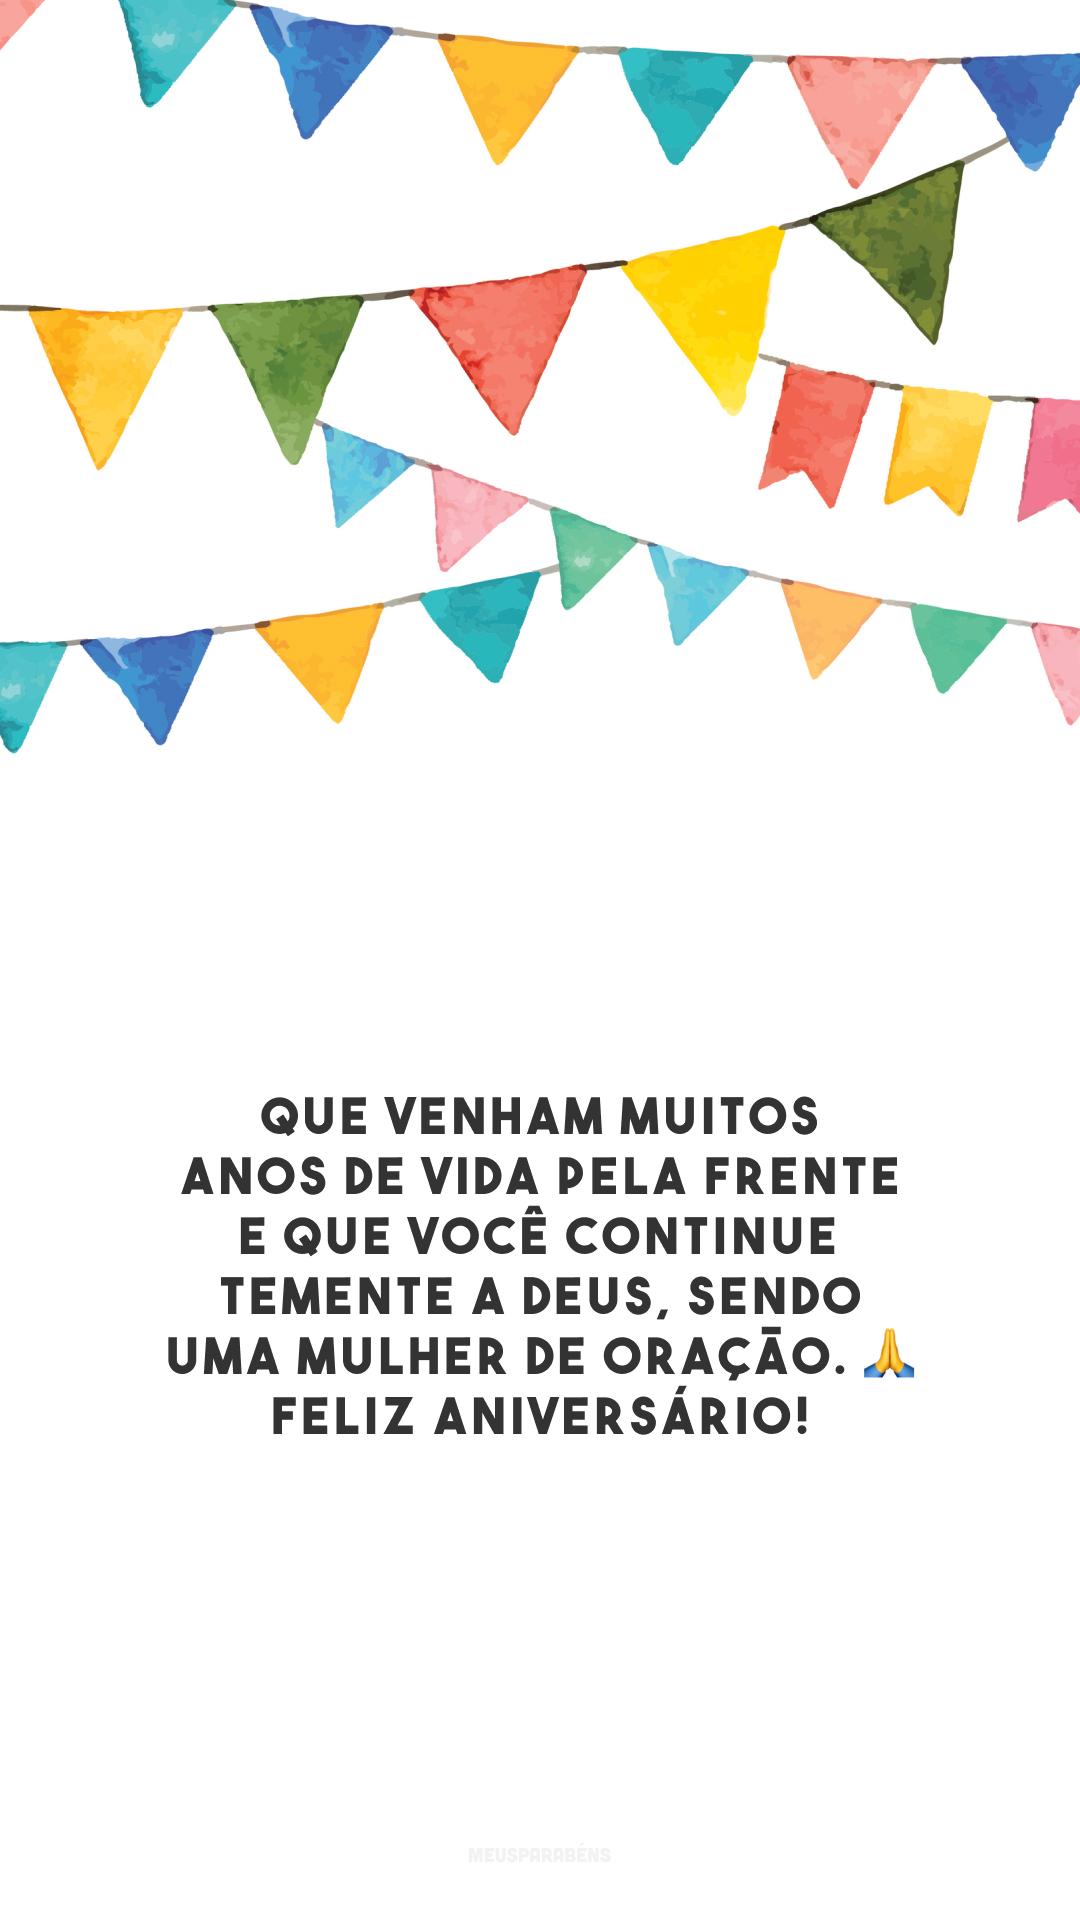 Que venham muitos anos de vida pela frente e que você continue temente a Deus, sendo uma mulher de oração. 🙏 Feliz aniversário!